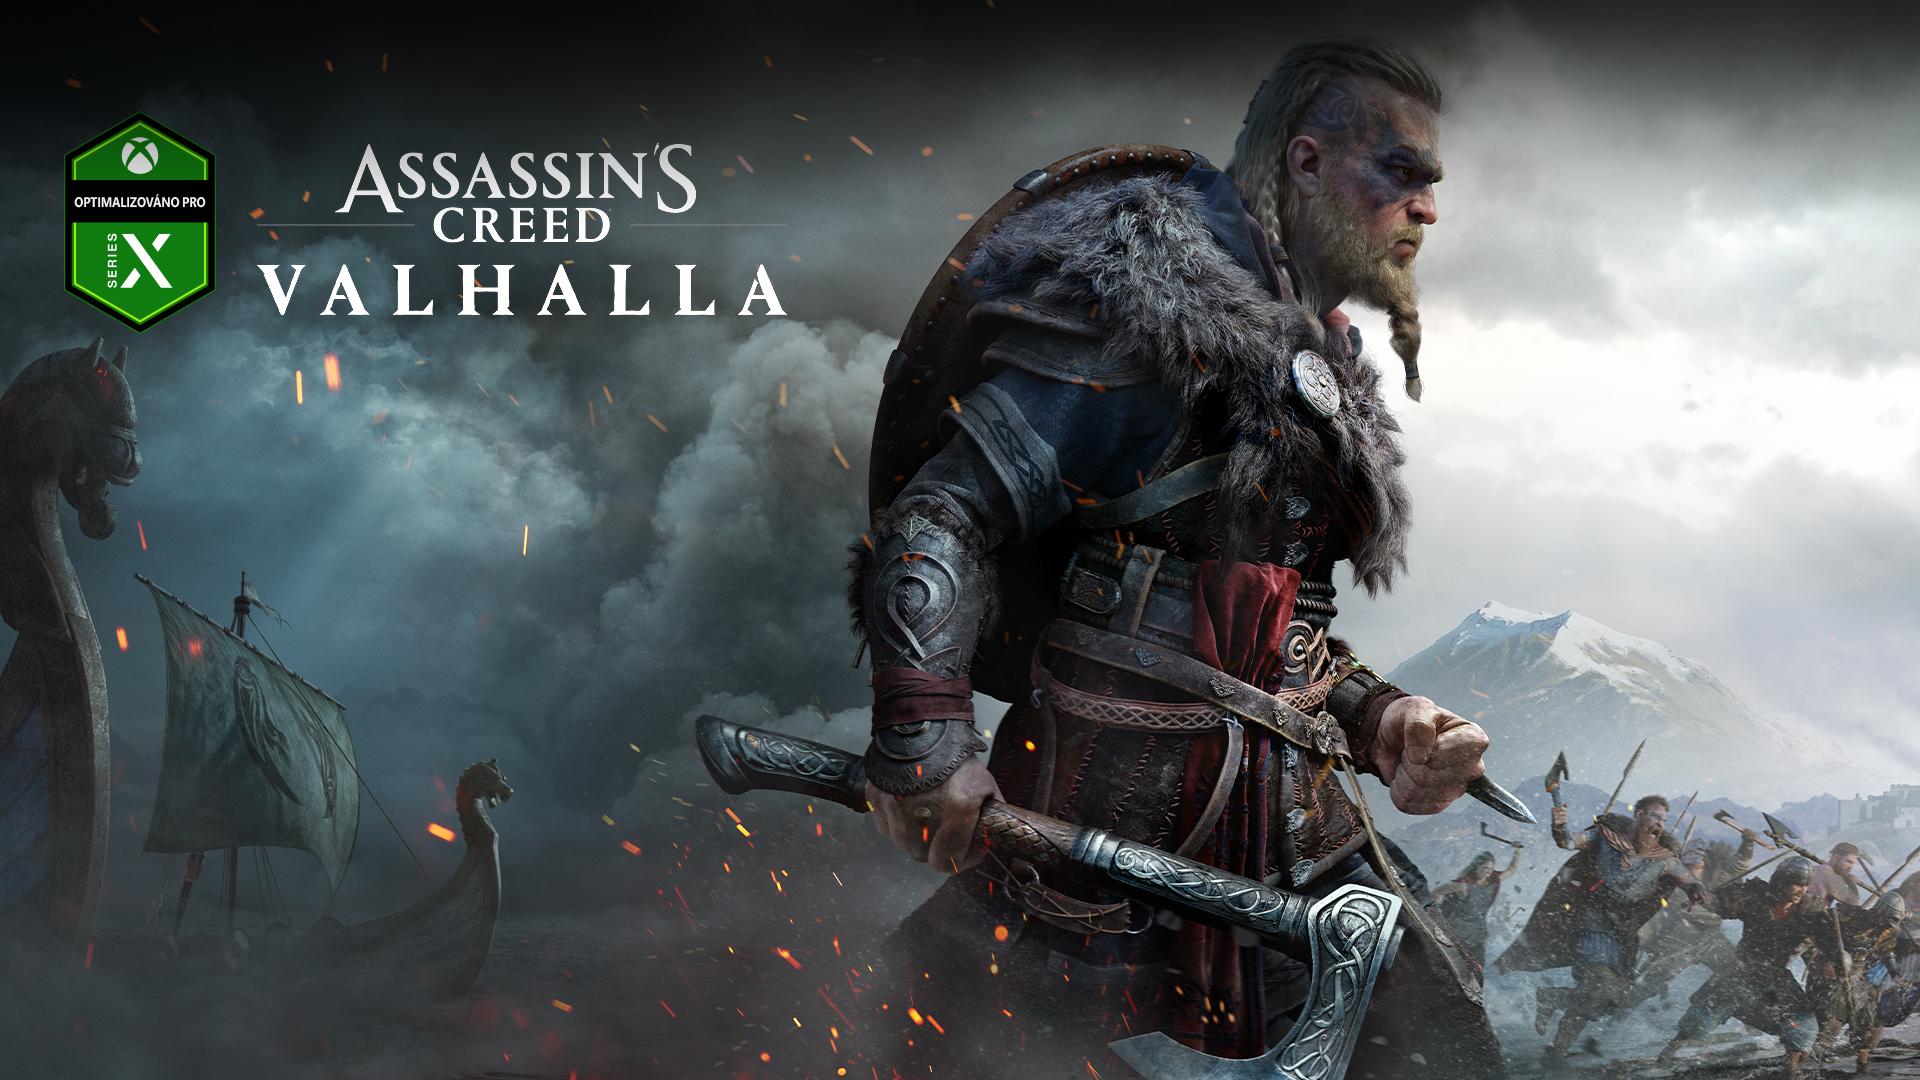 Logo Optimalizováno pro Xbox Series X, Assassin's Creed Valhalla, postava se sekerou, na pozadí je bitva a lodě v mlze